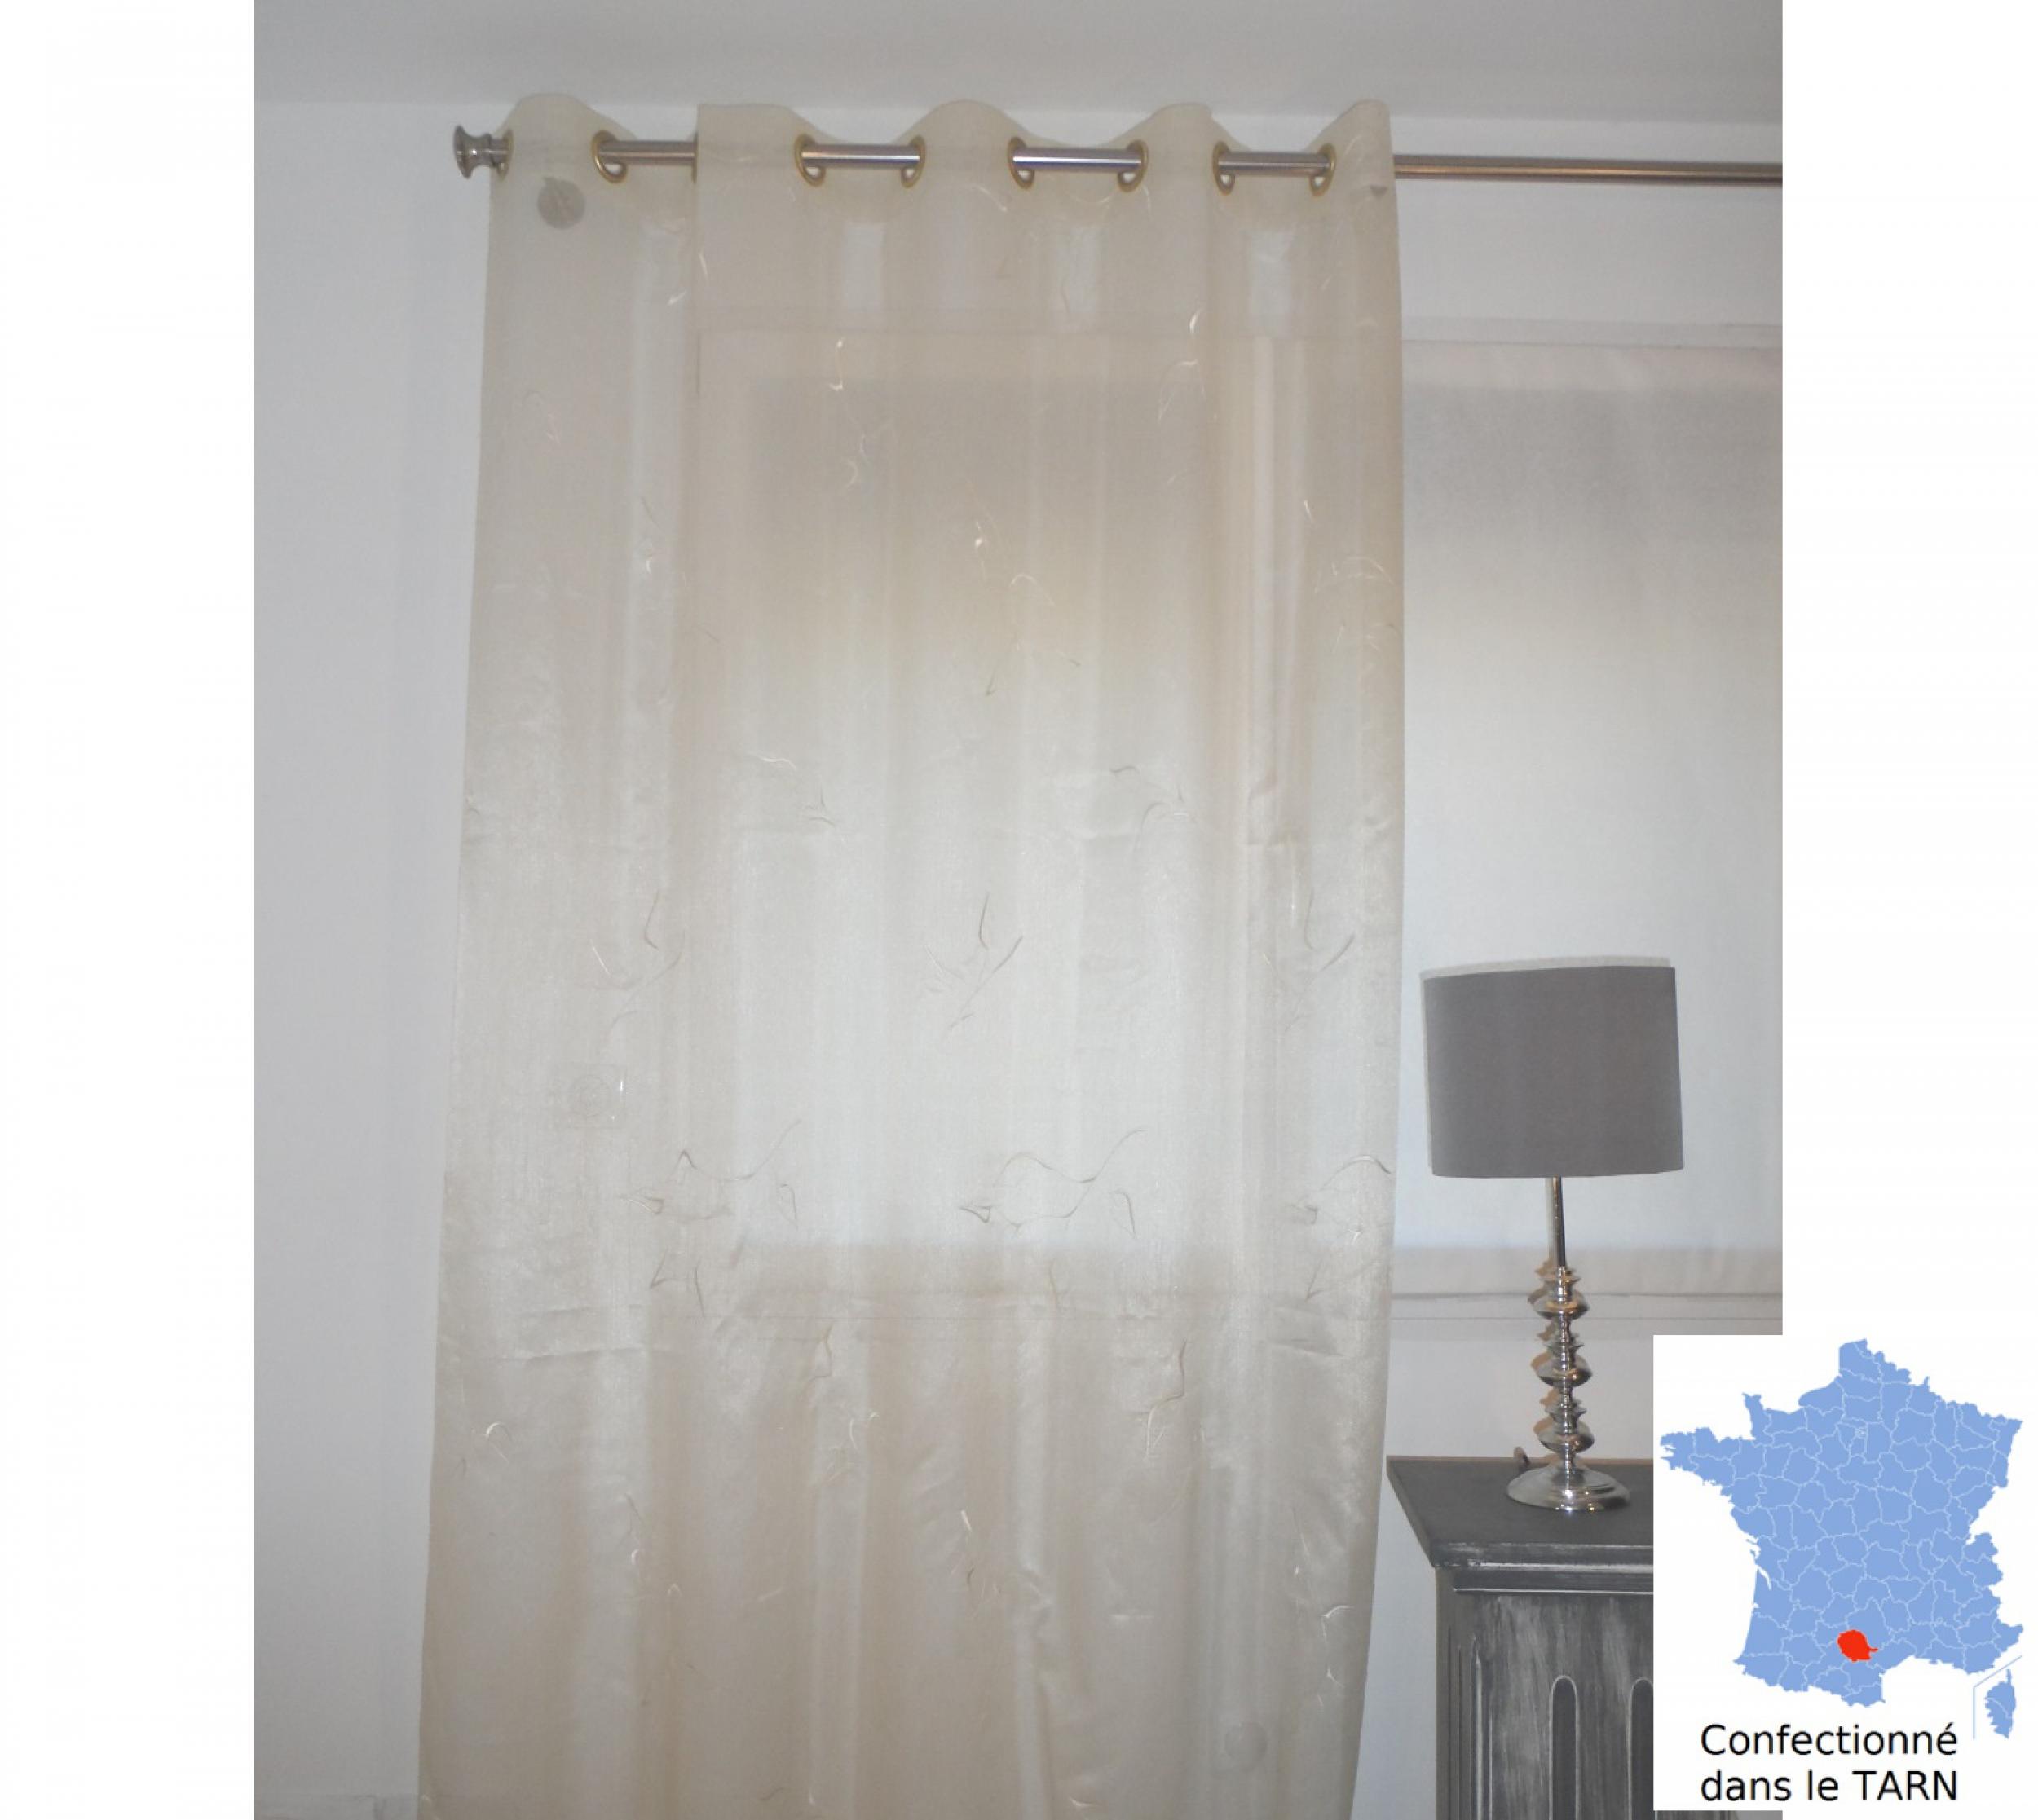 Rideaux voilage marssac beige 175 x 242 cm l 39 atelier de la toile for Rideaux voilages sans oeillets